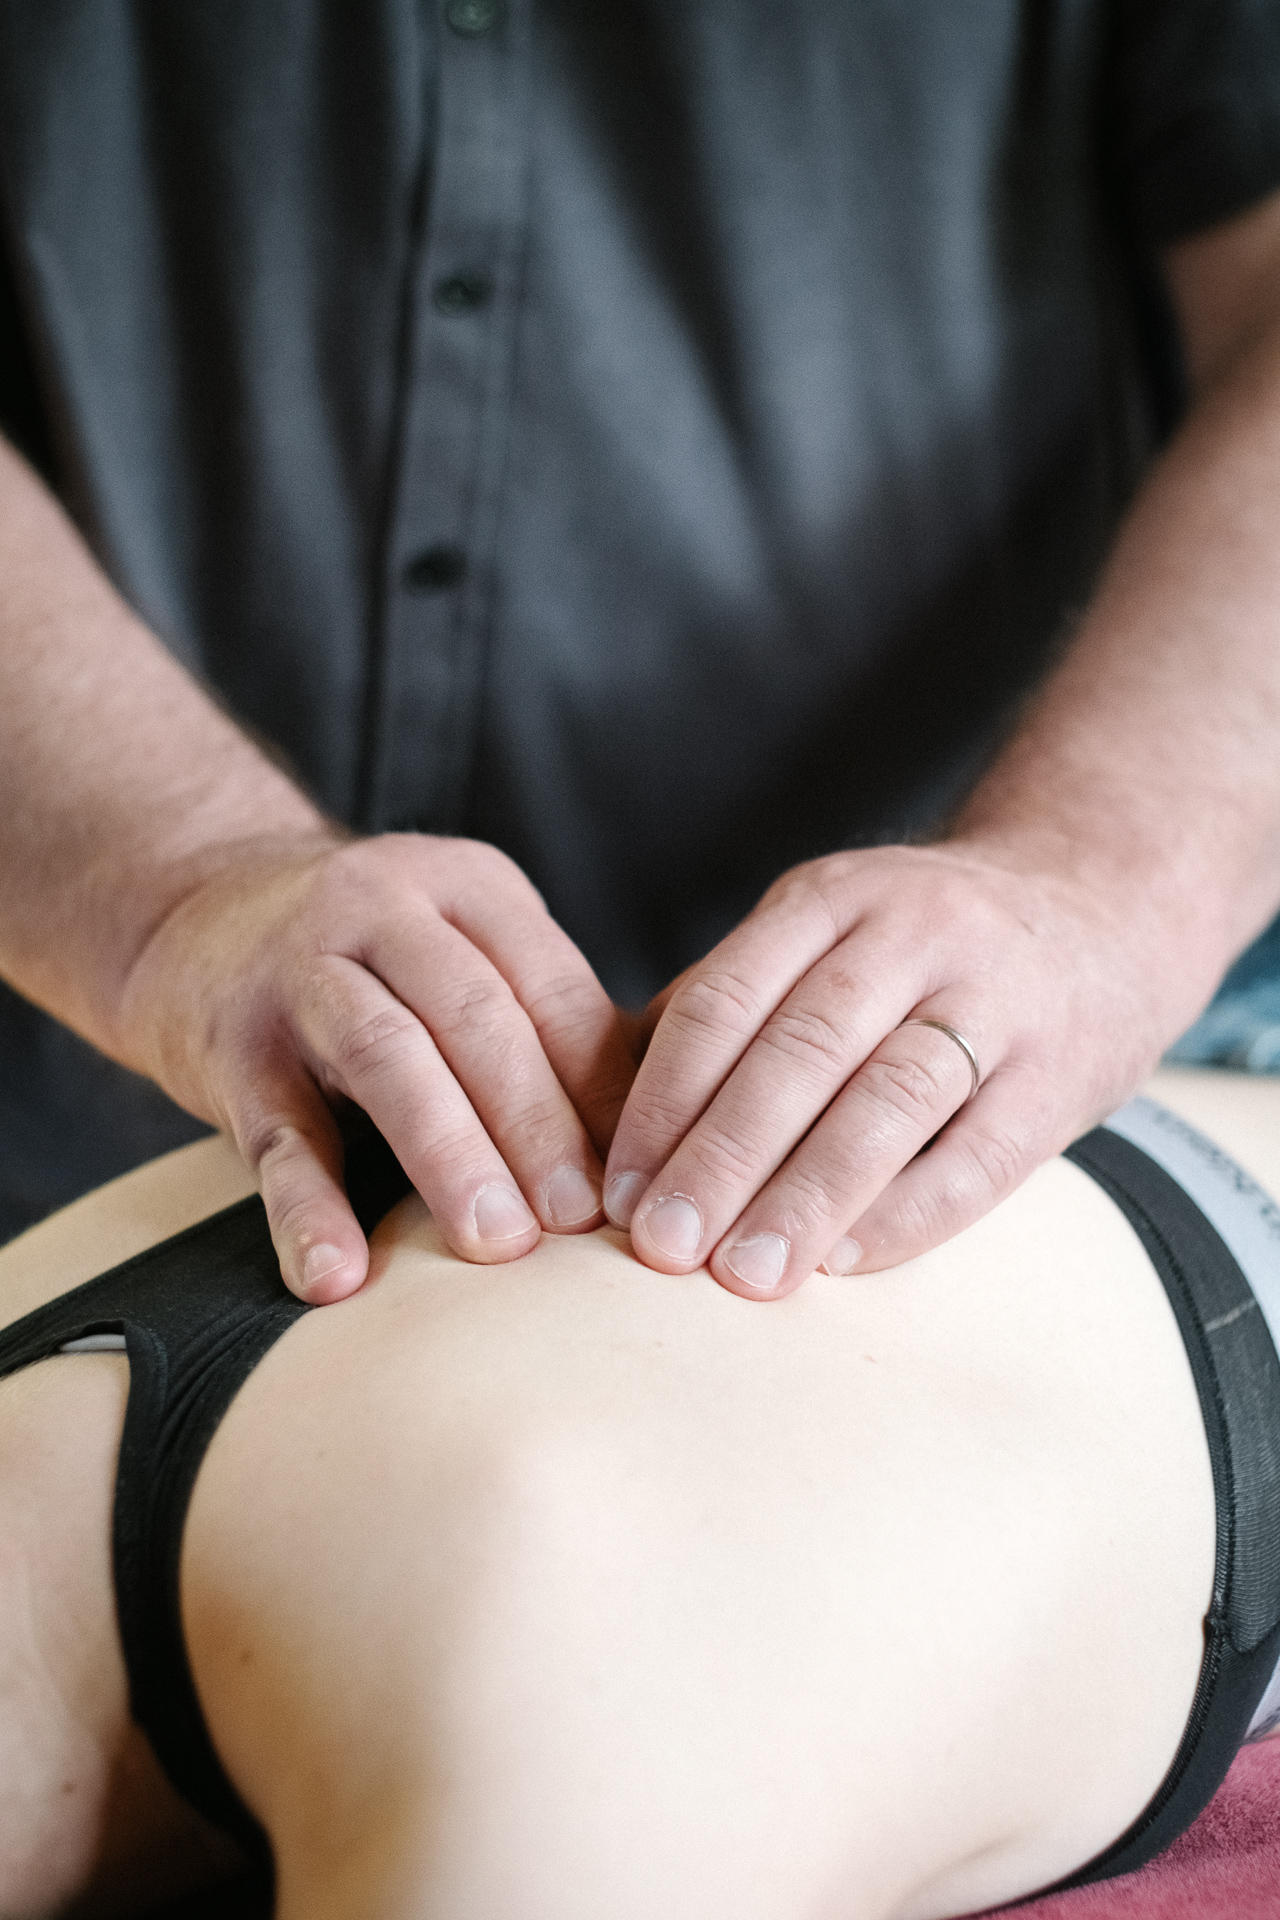 Ganzheitliche Physiotherapie in der Anwendung - 02